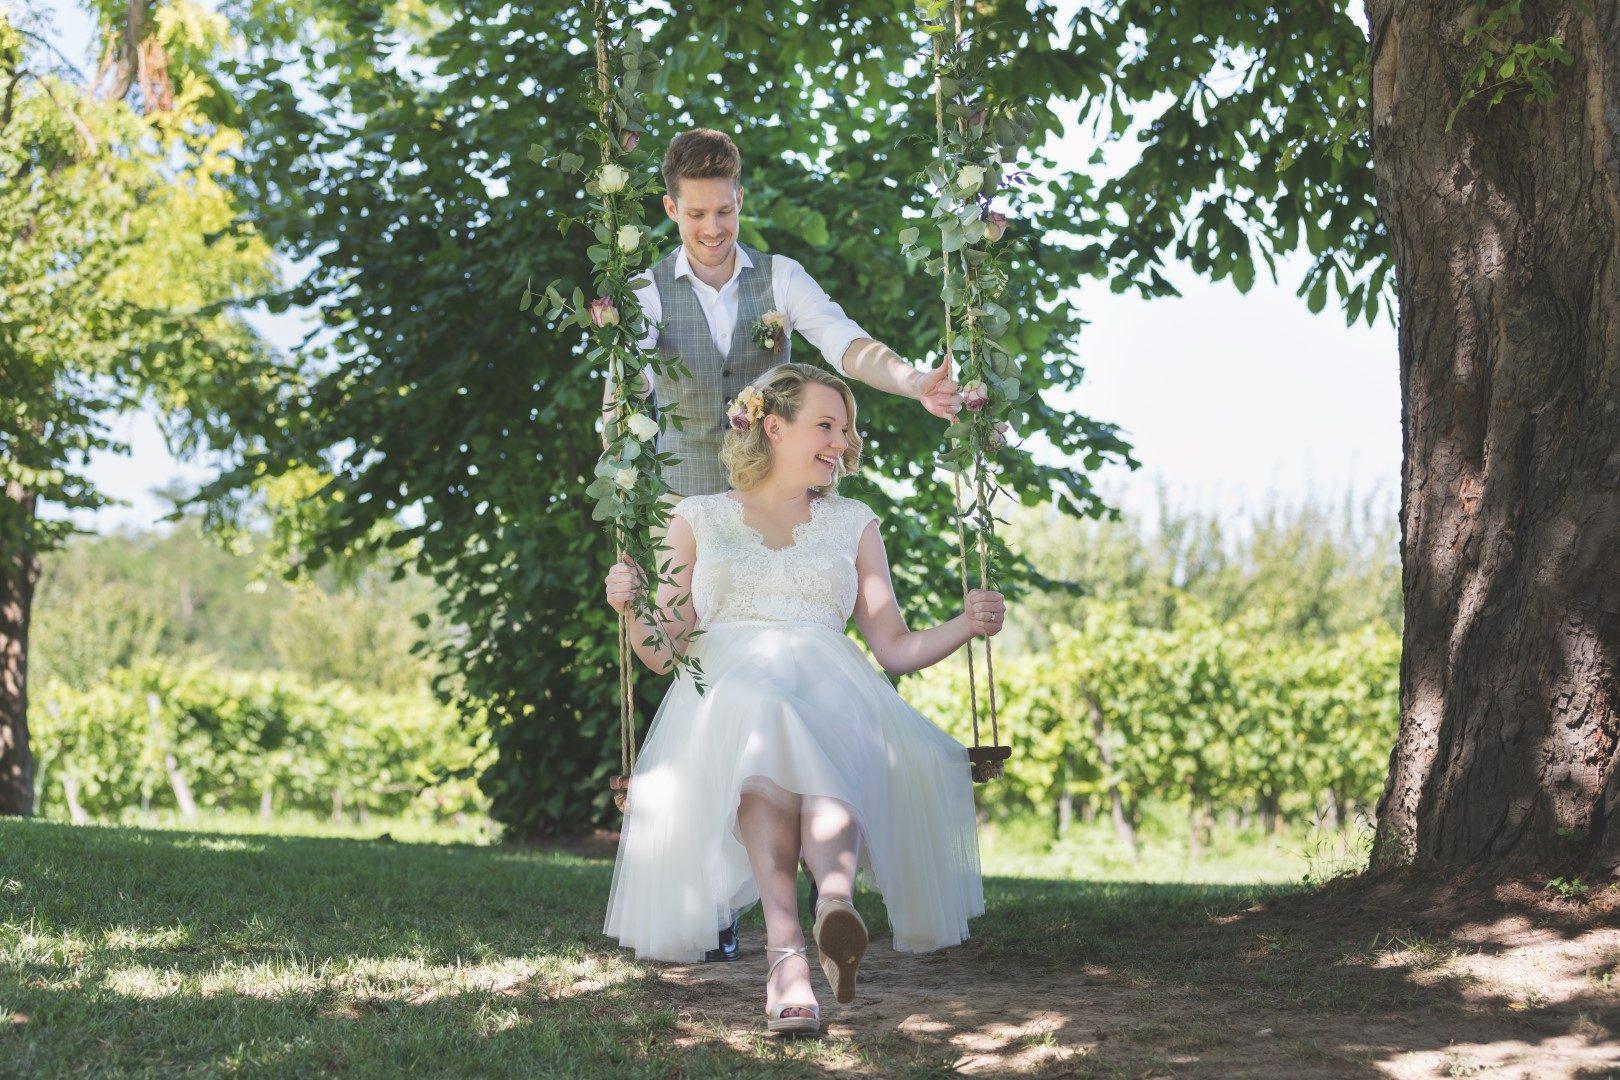 Jane Austen után szabadon - Noa és Balu esküvője